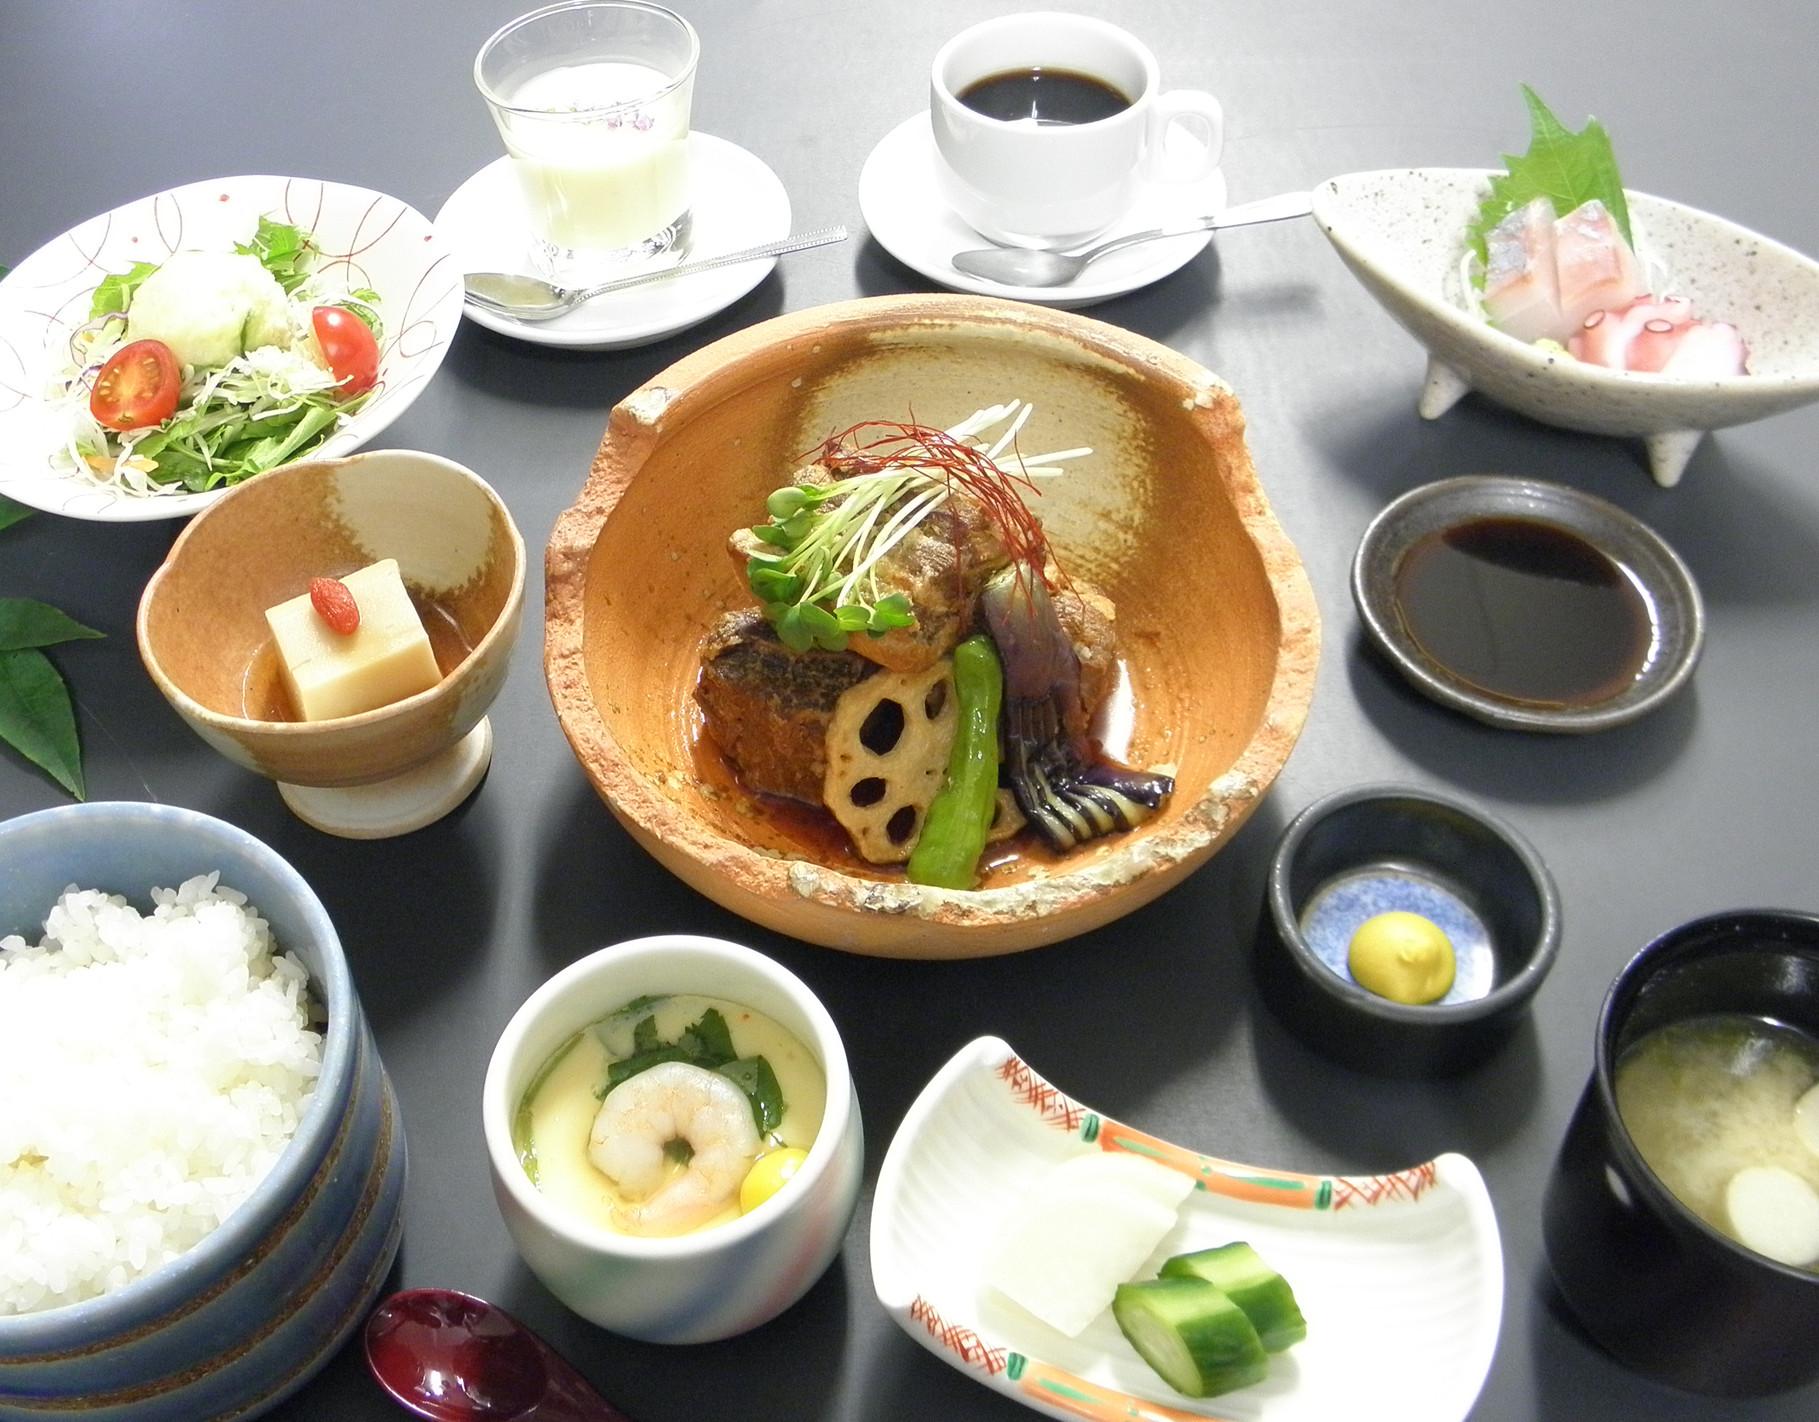 豚の角煮御膳 1,500円(税込)